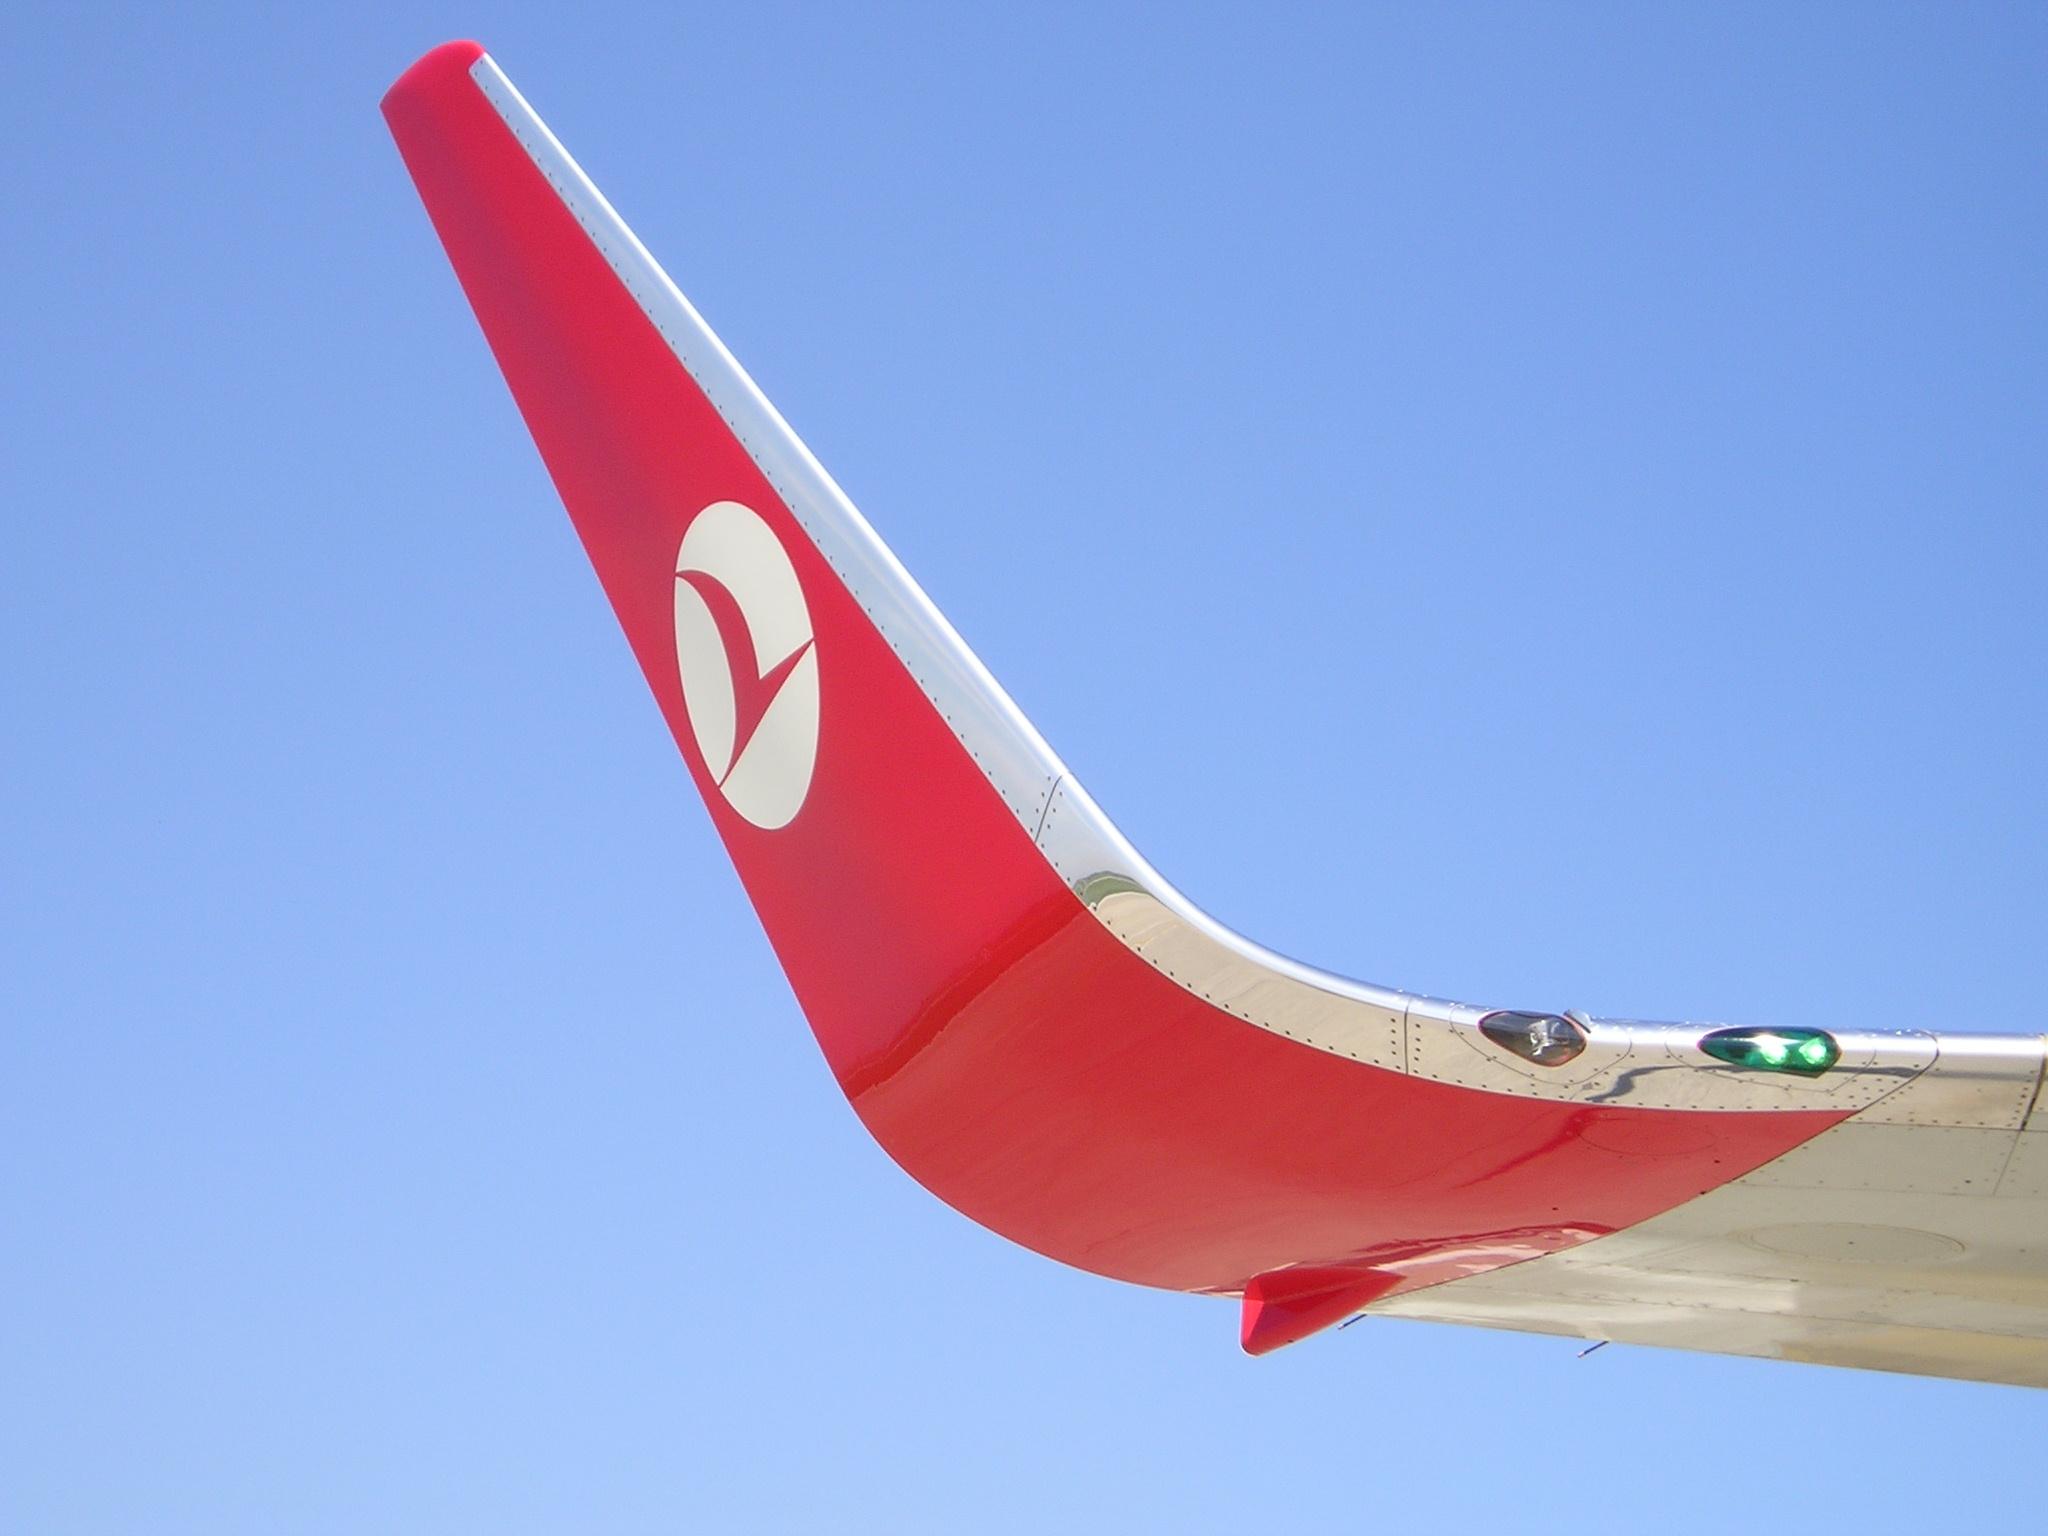 uçakta kanat ucu ile ilgili görsel sonucu